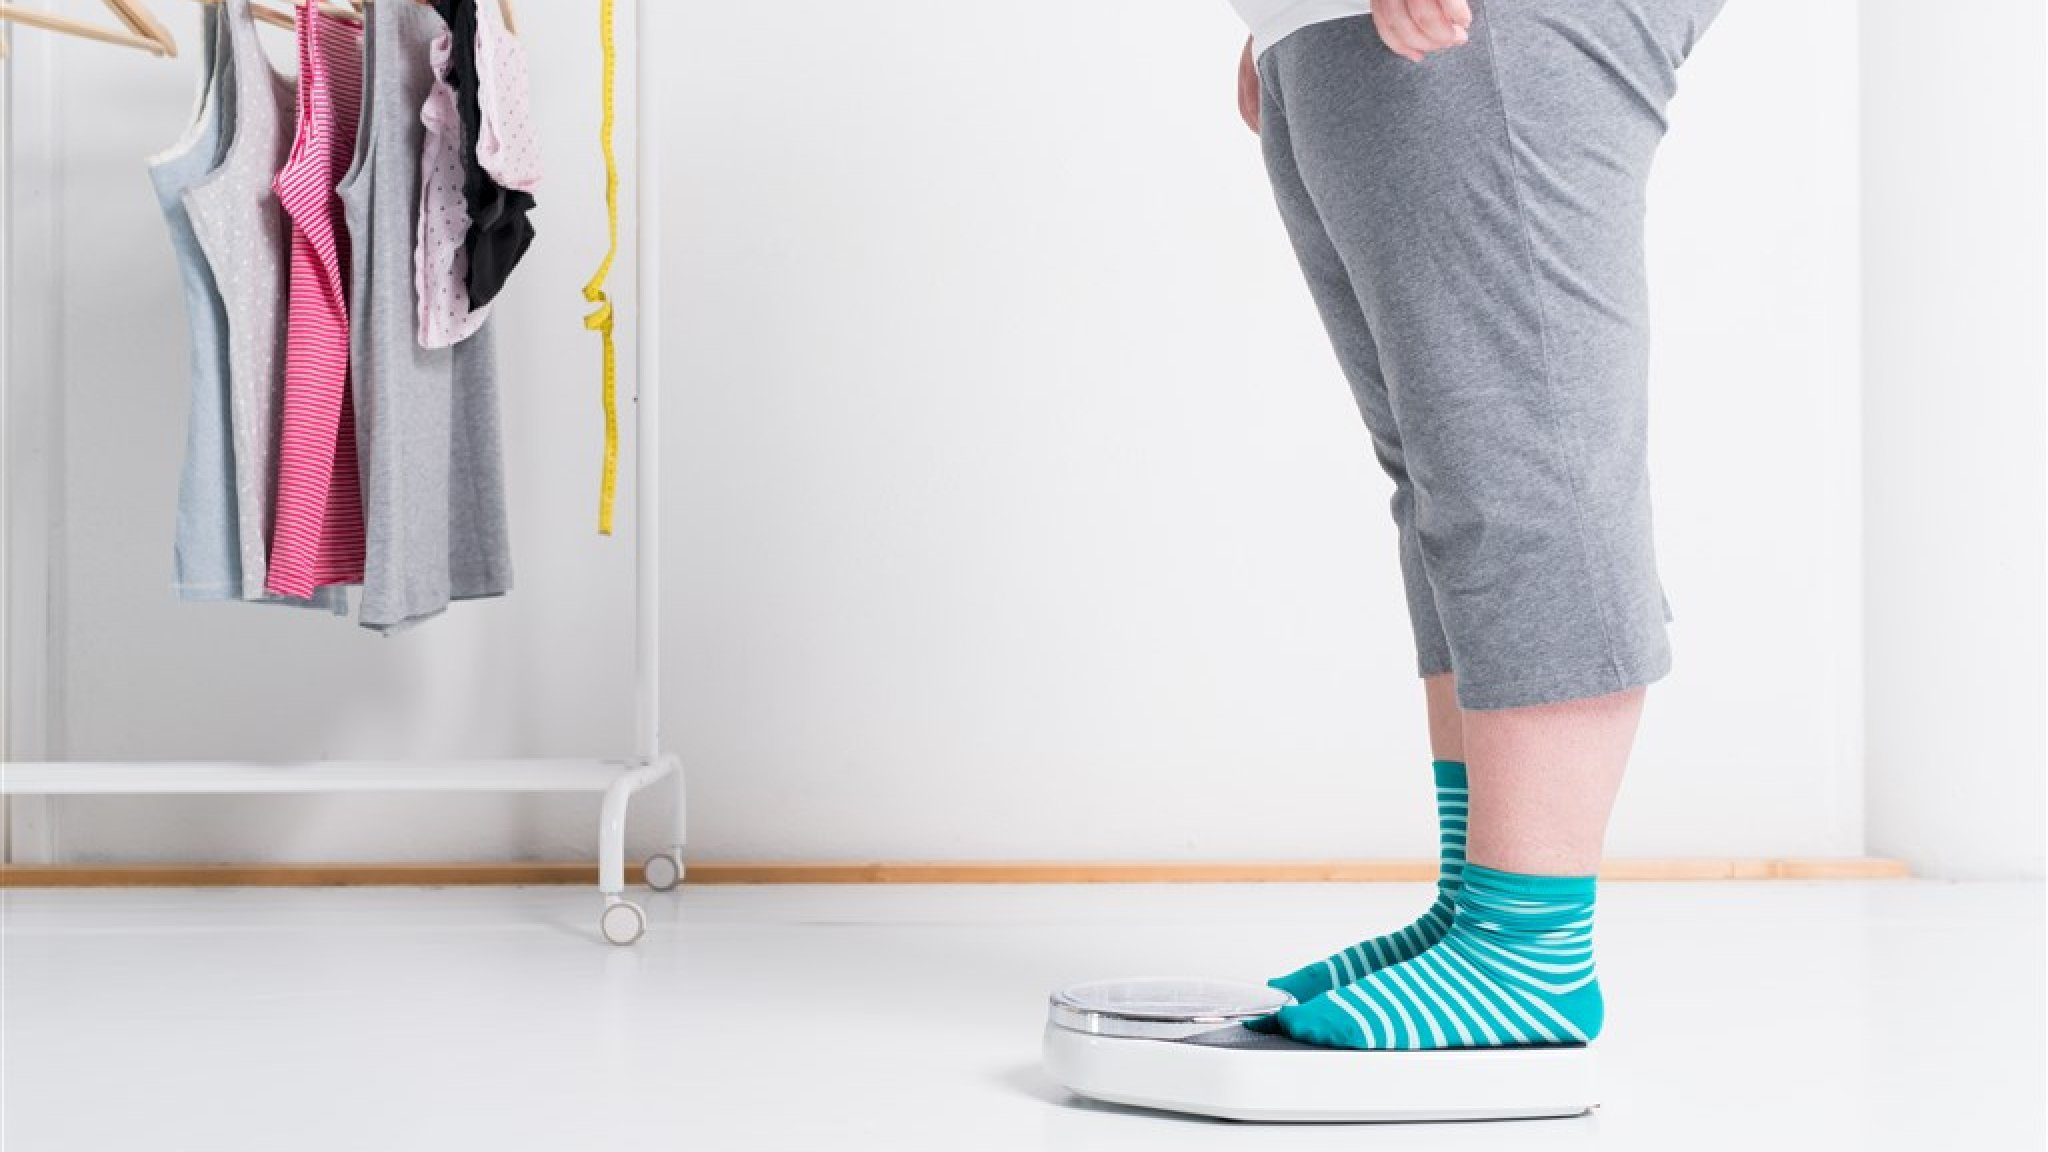 Veel misverstanden over obesitas, niet zomaar 'even op dieet' - RTL Nieuws